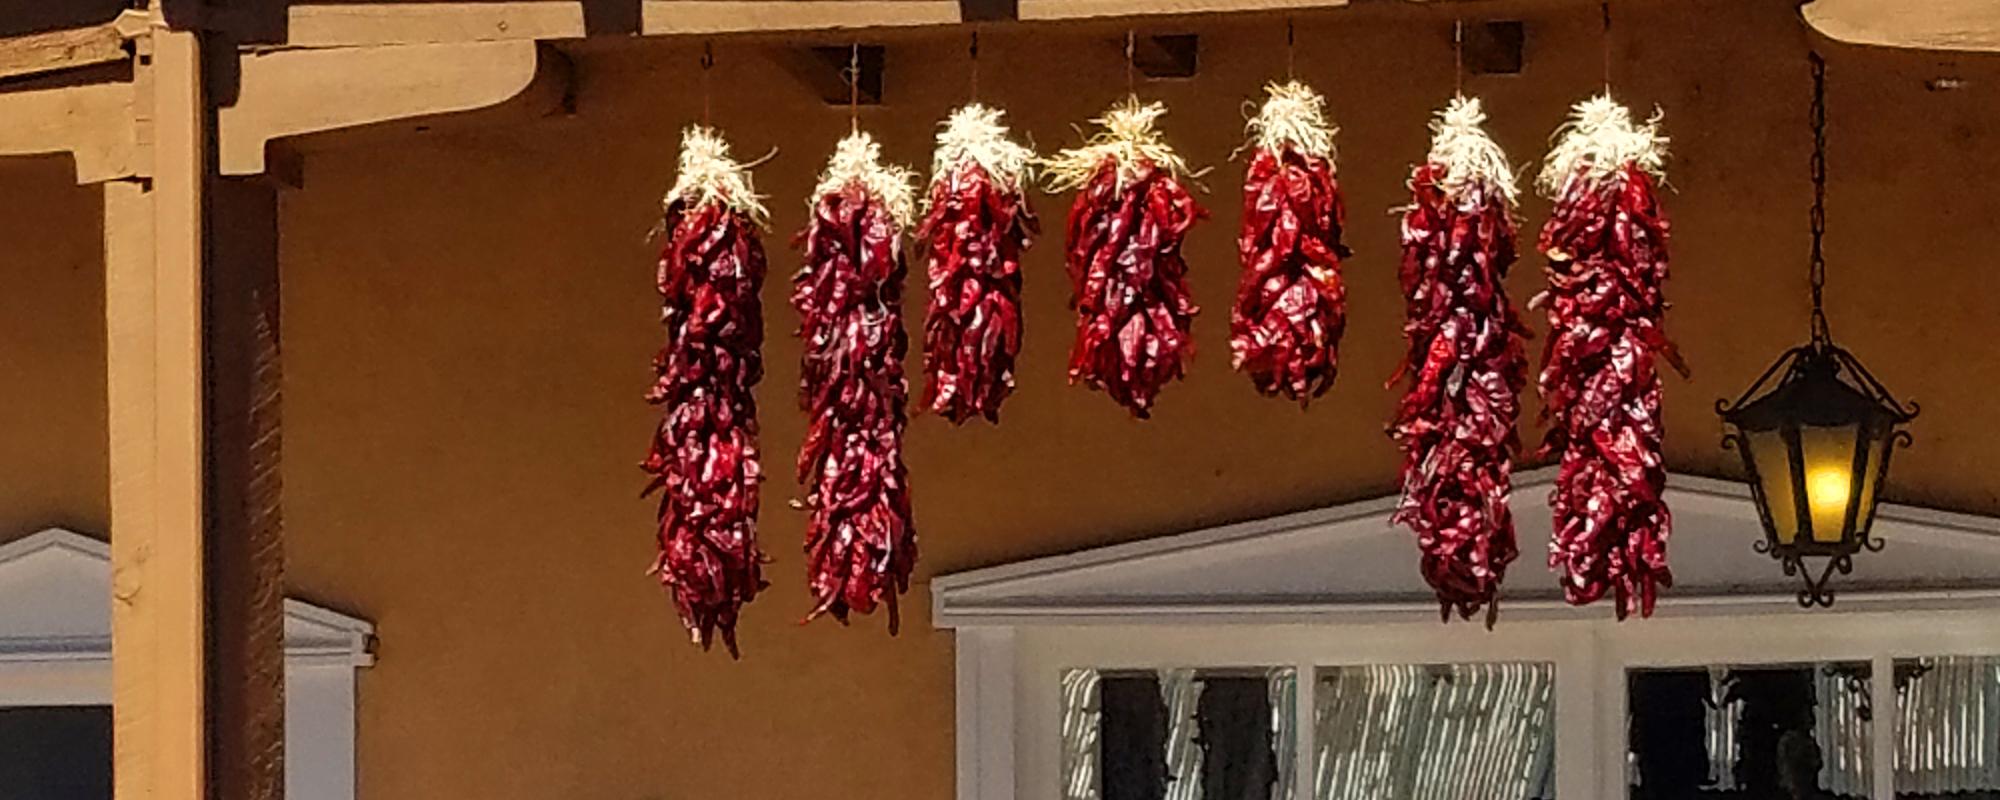 2012 | Albuquerque, New Mexico Office Opens